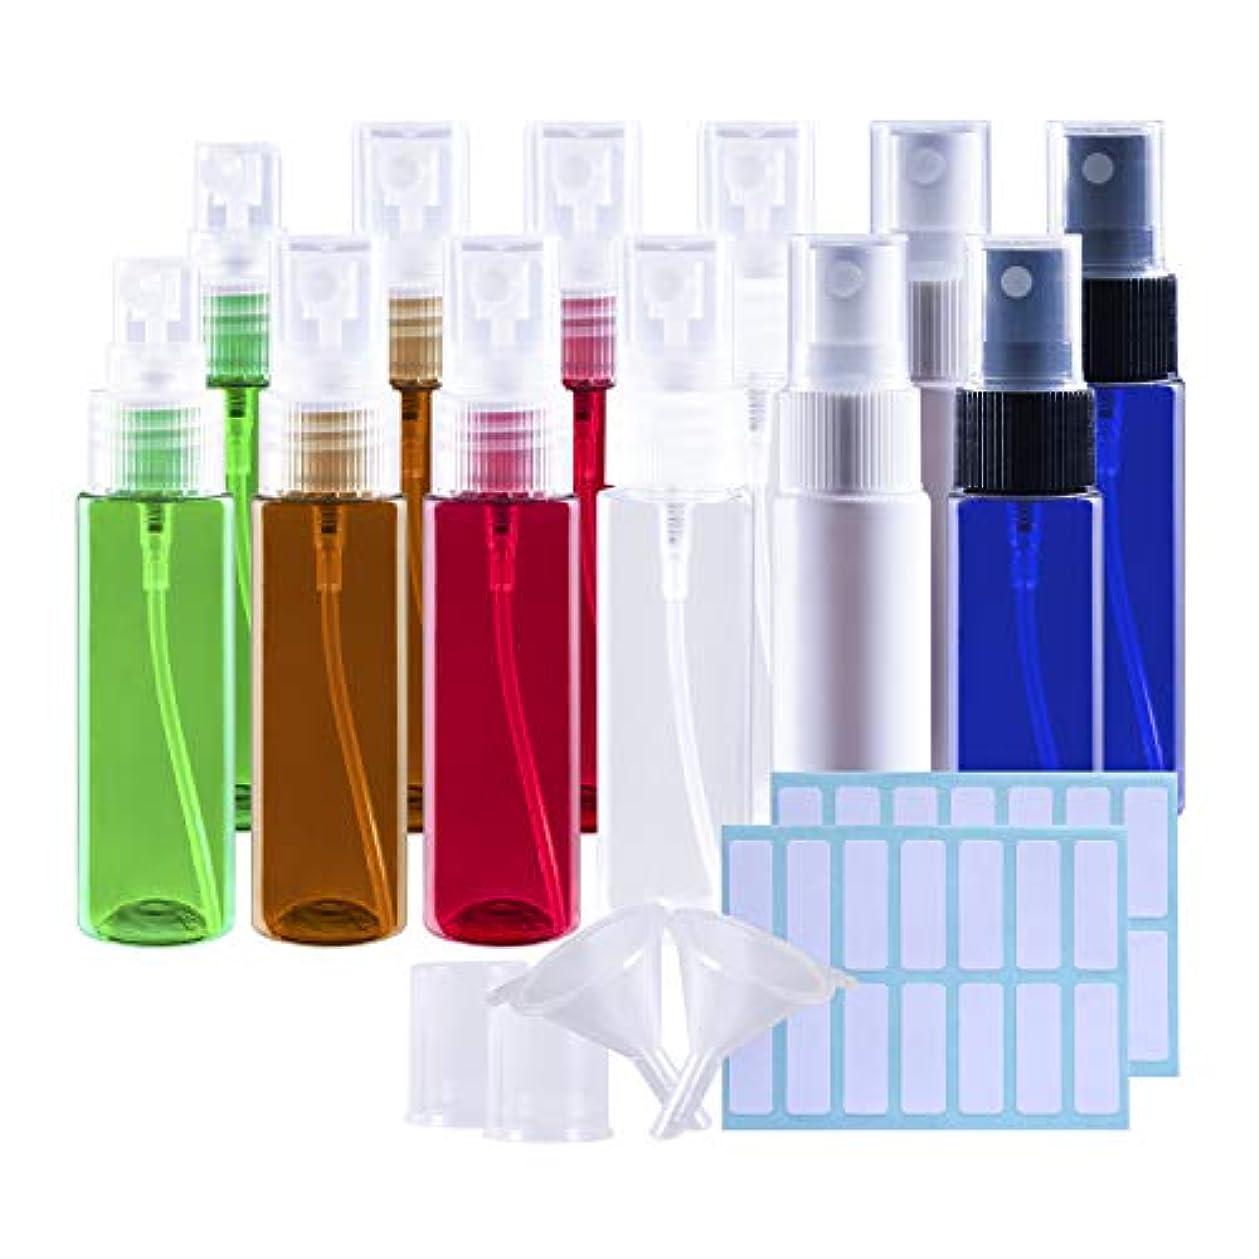 保持する技術的なパニックスプレーボトル 遮光瓶 12本セット 30ML 詰替ボトル 空容器 霧吹き アロマ虫除けスプレー ラベルシール ミニ漏斗付き(6色)